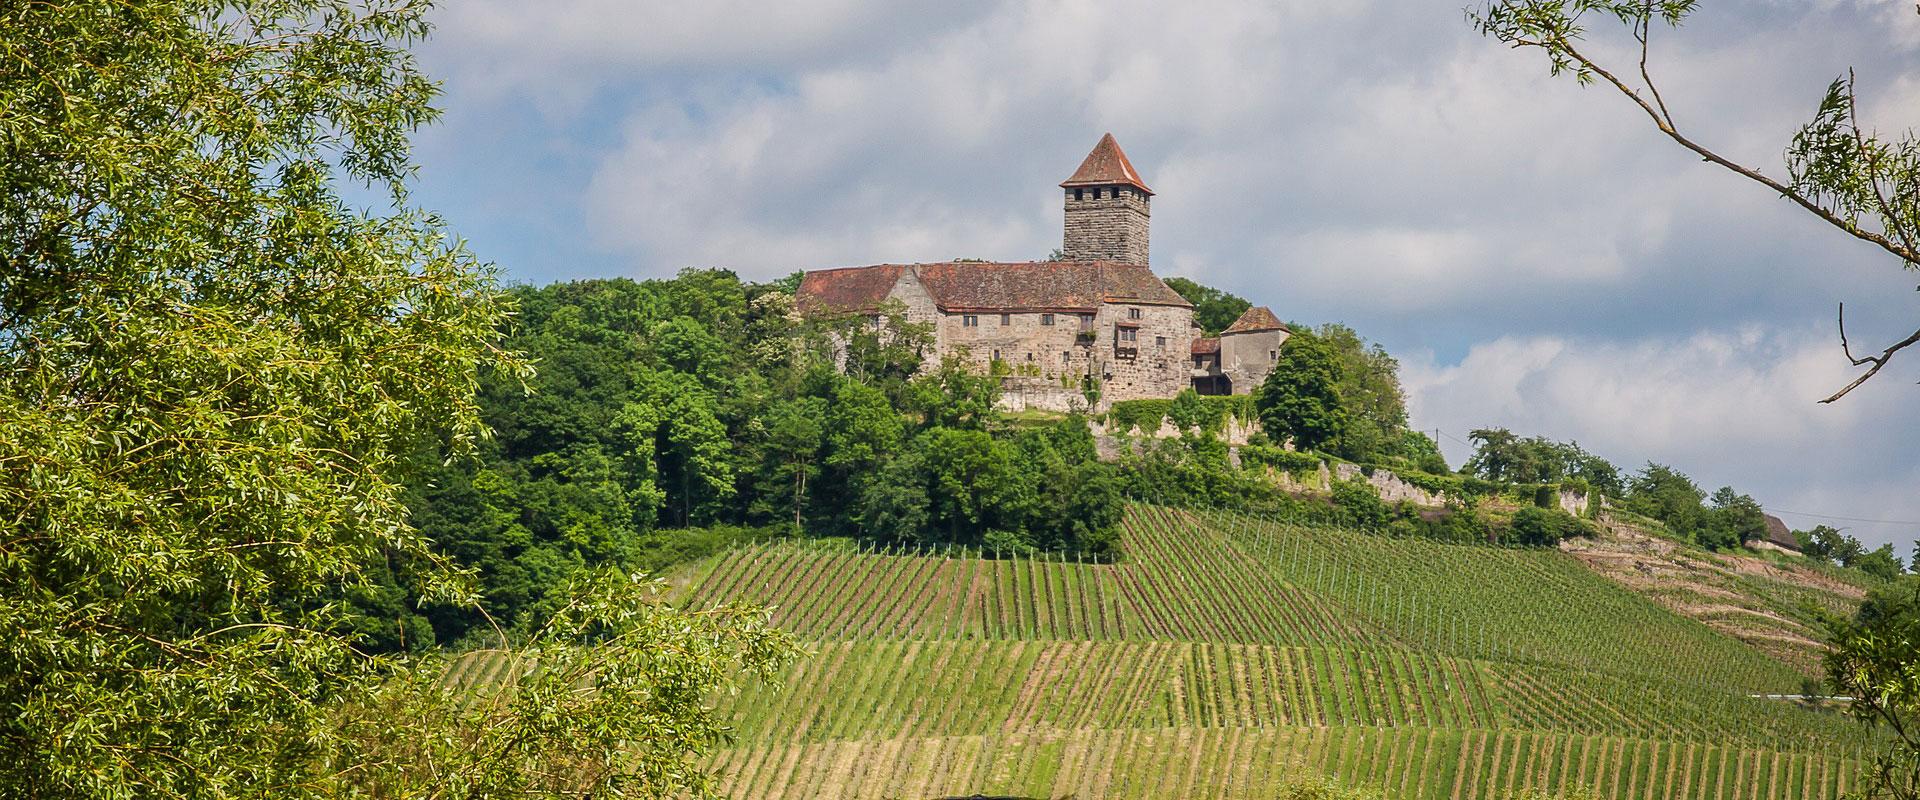 Schwäbisch-Fränkischer Wald - Burg Lichtenberg